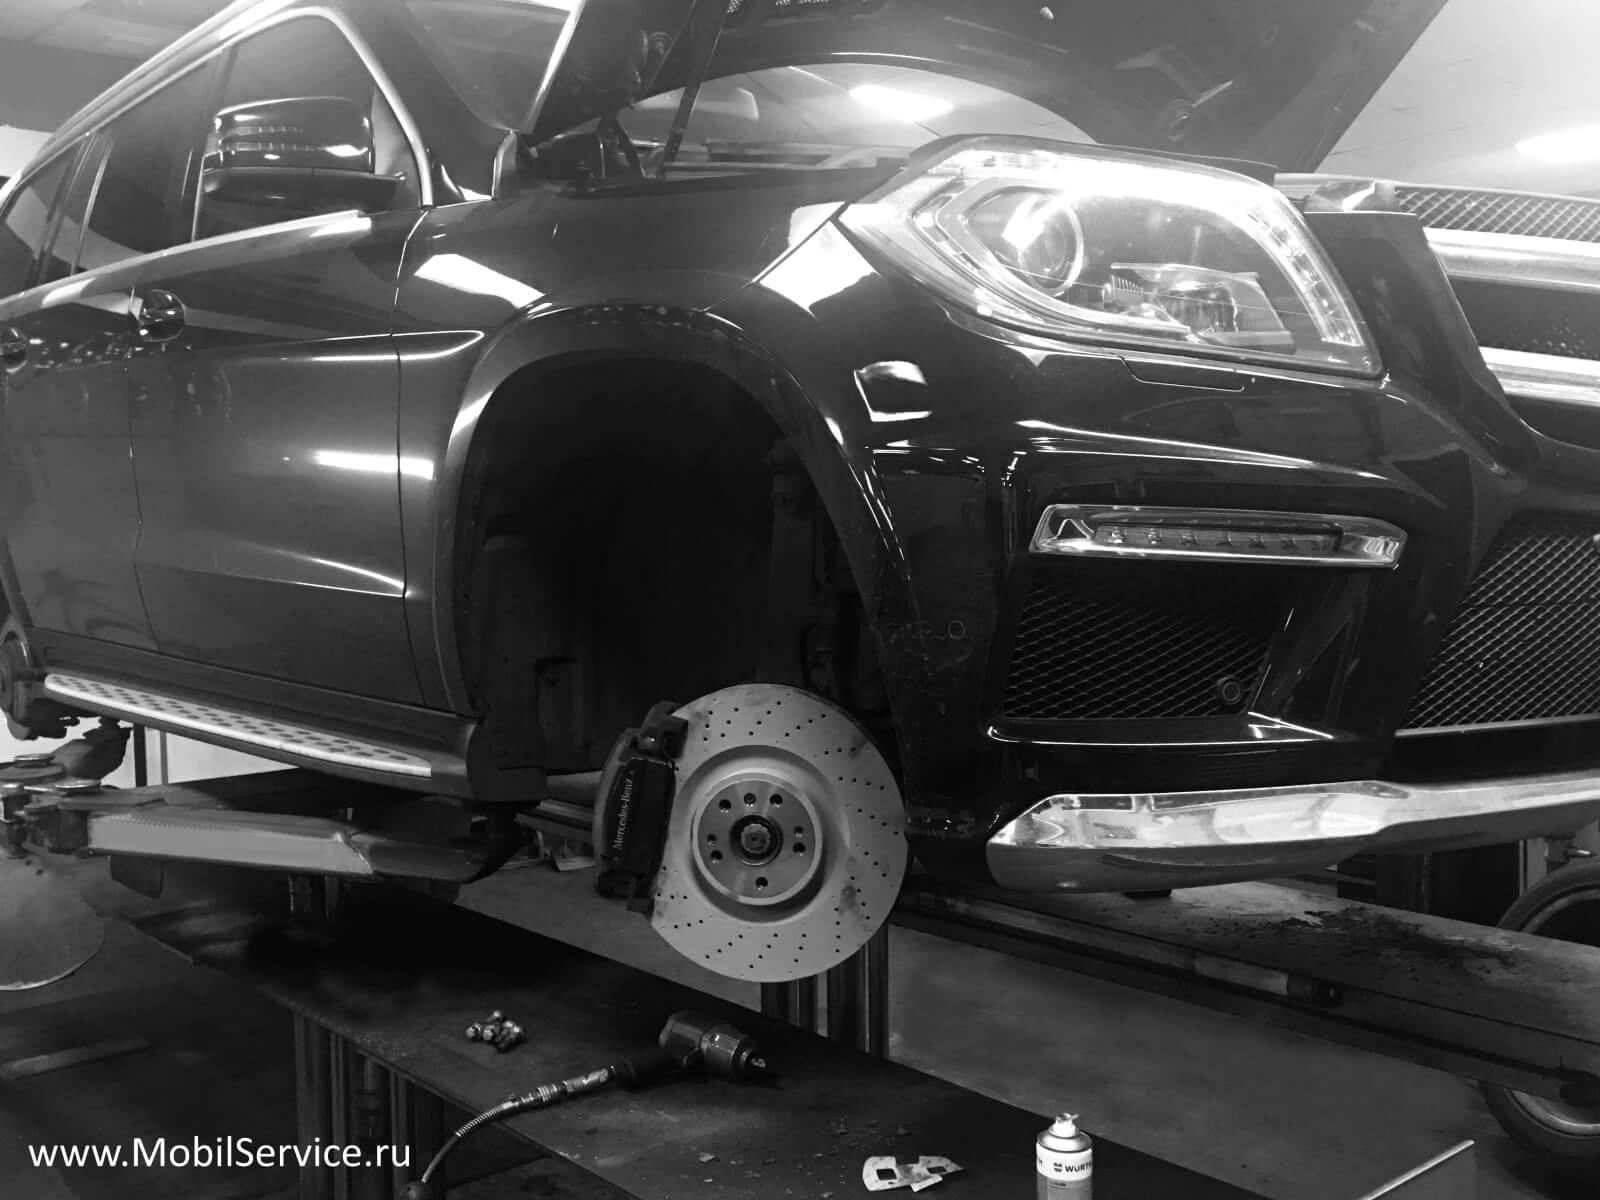 Замена передних тормозных дисков - Замена дисков переднего тормоза